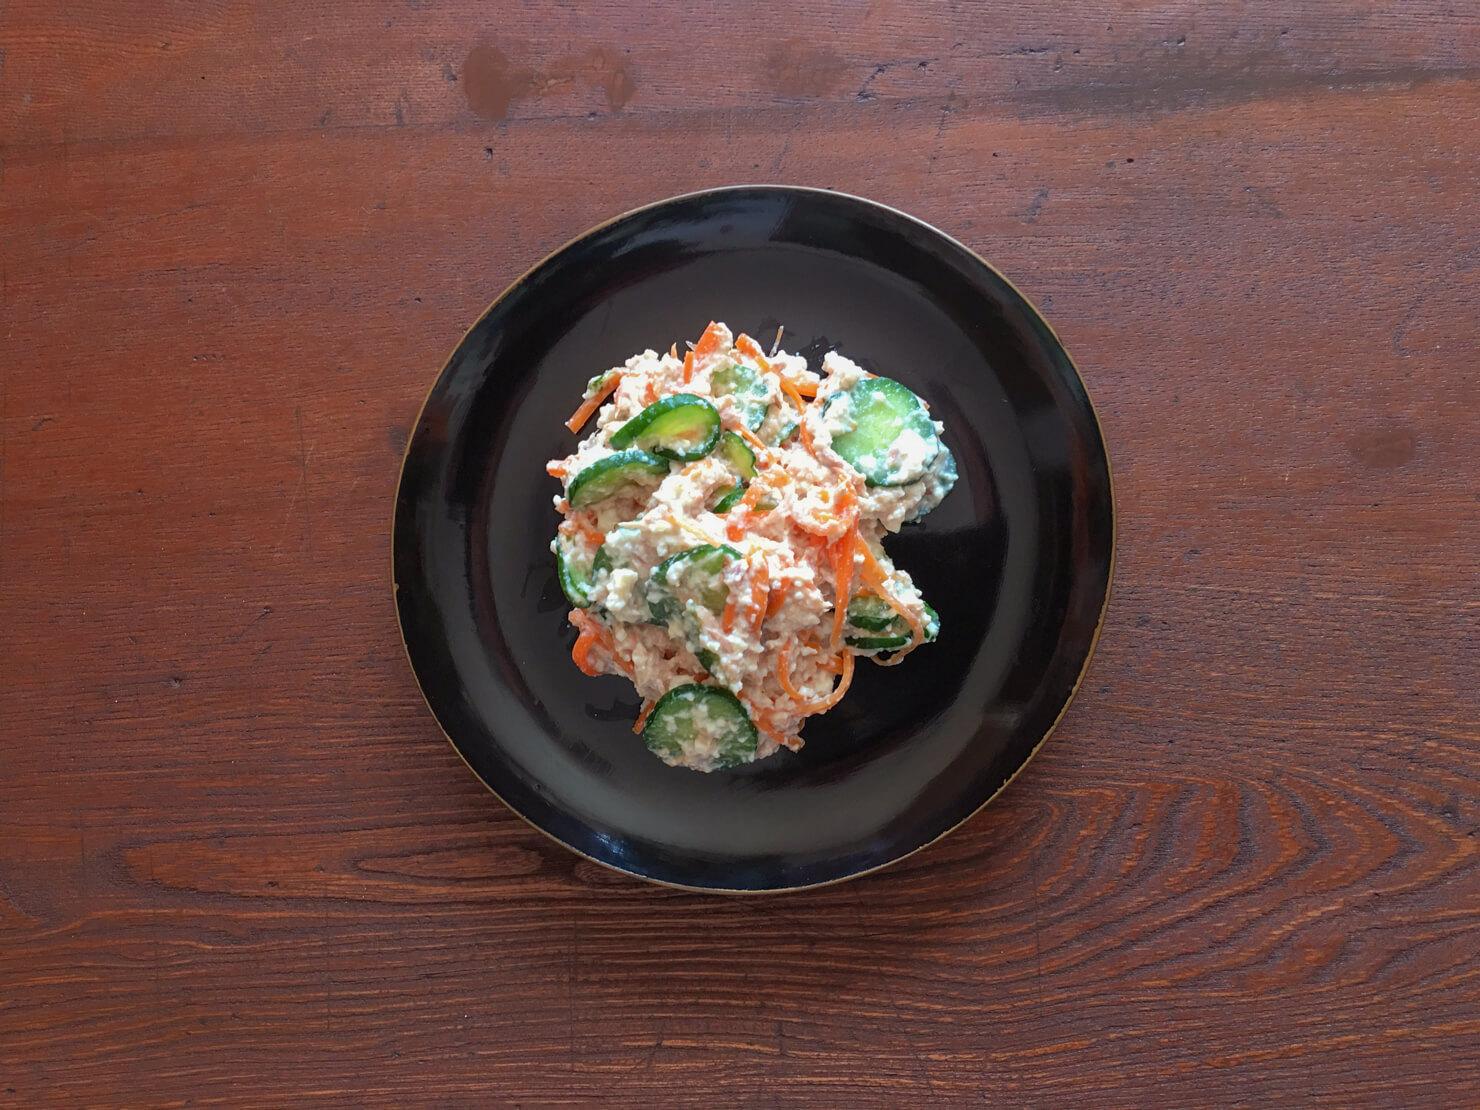 きゅうりと豆腐とツナの白和えの写真